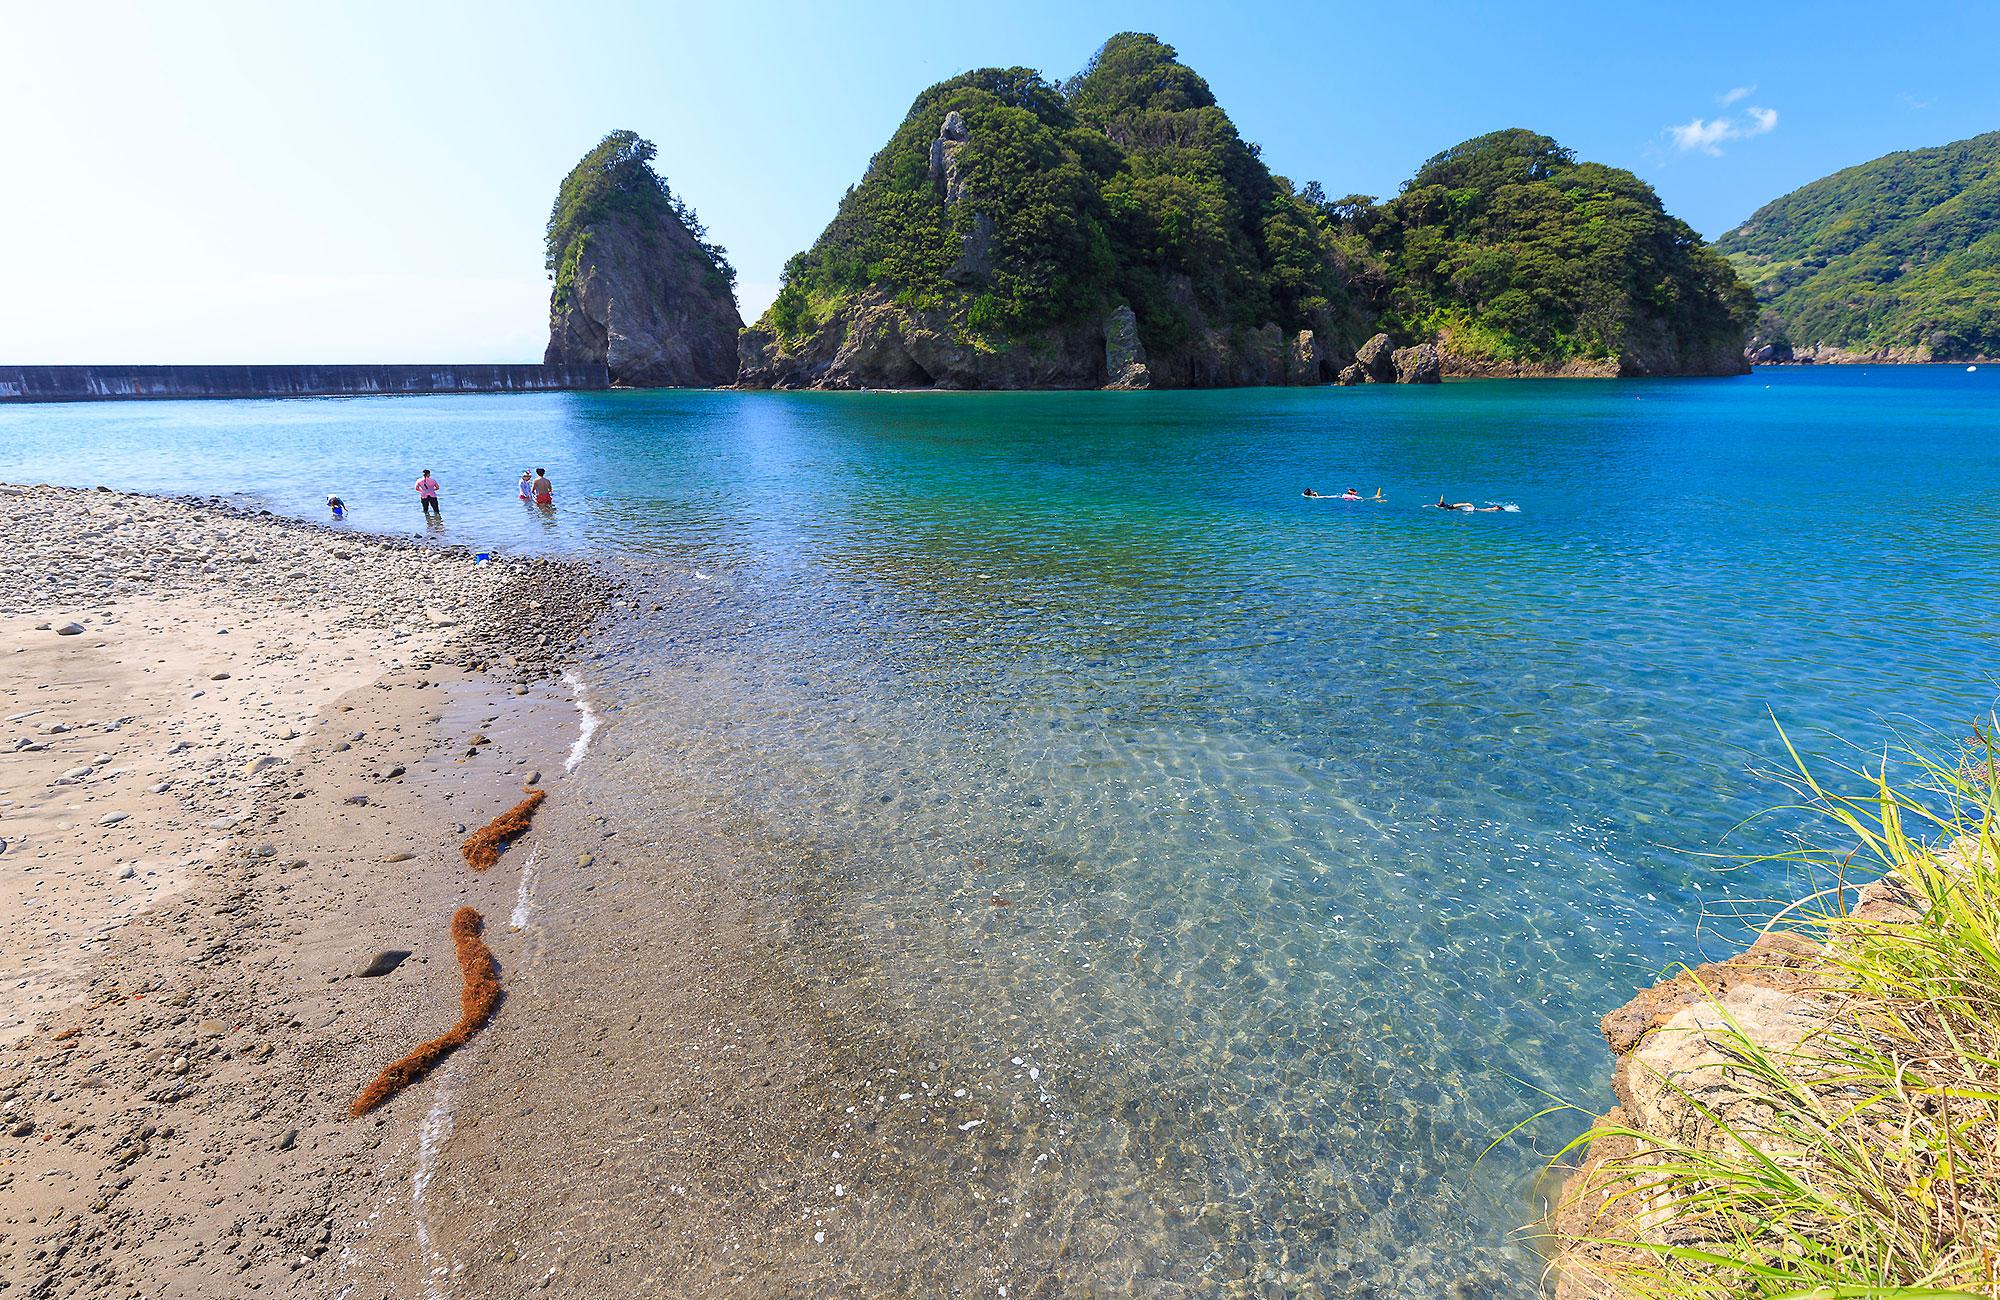 田子瀬浜海水浴場 | 伊豆西南海岸-西伊豆町・松崎町・南伊豆町-